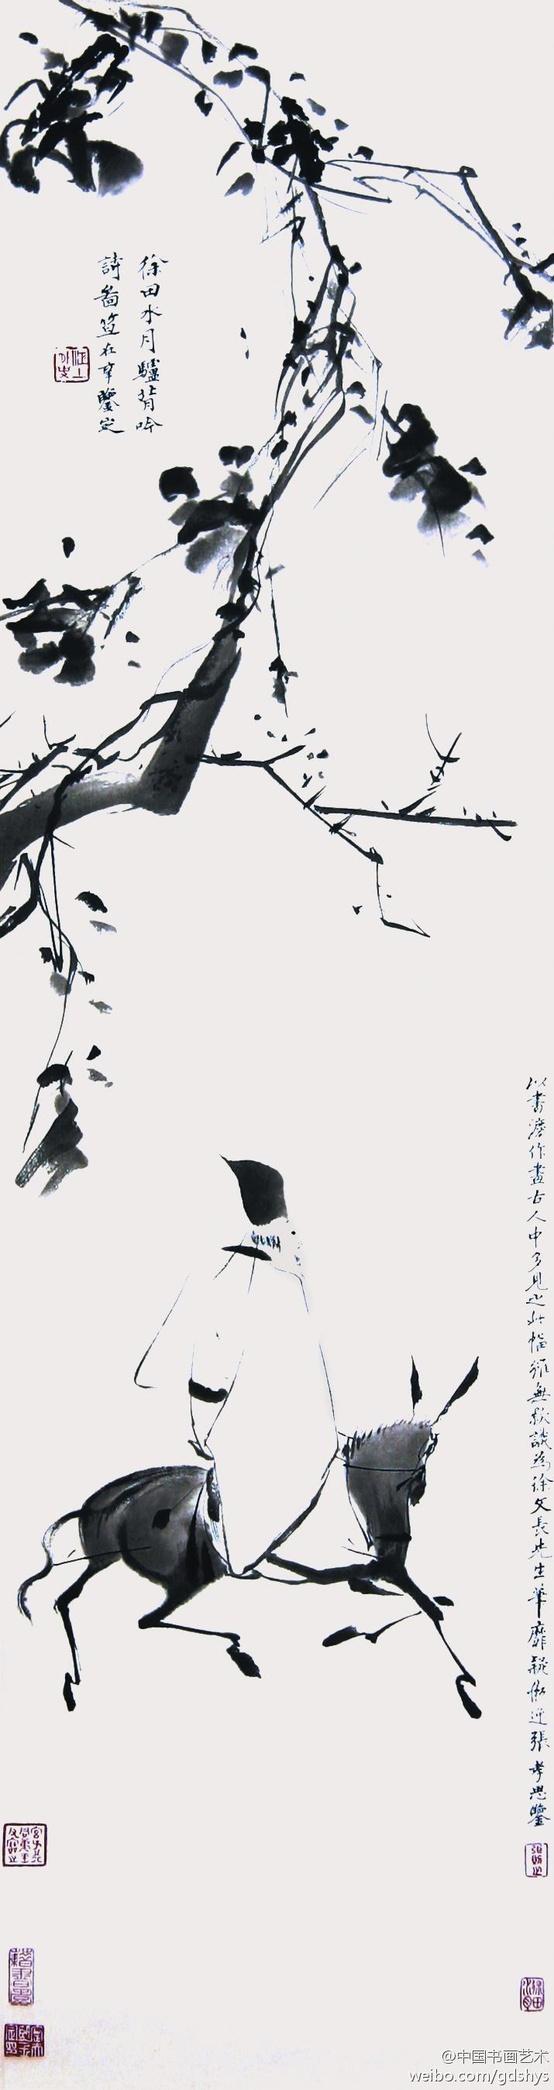 Coureur gris de la peinture et la calligraphie chinoises, et d'autres trésors recueillis.